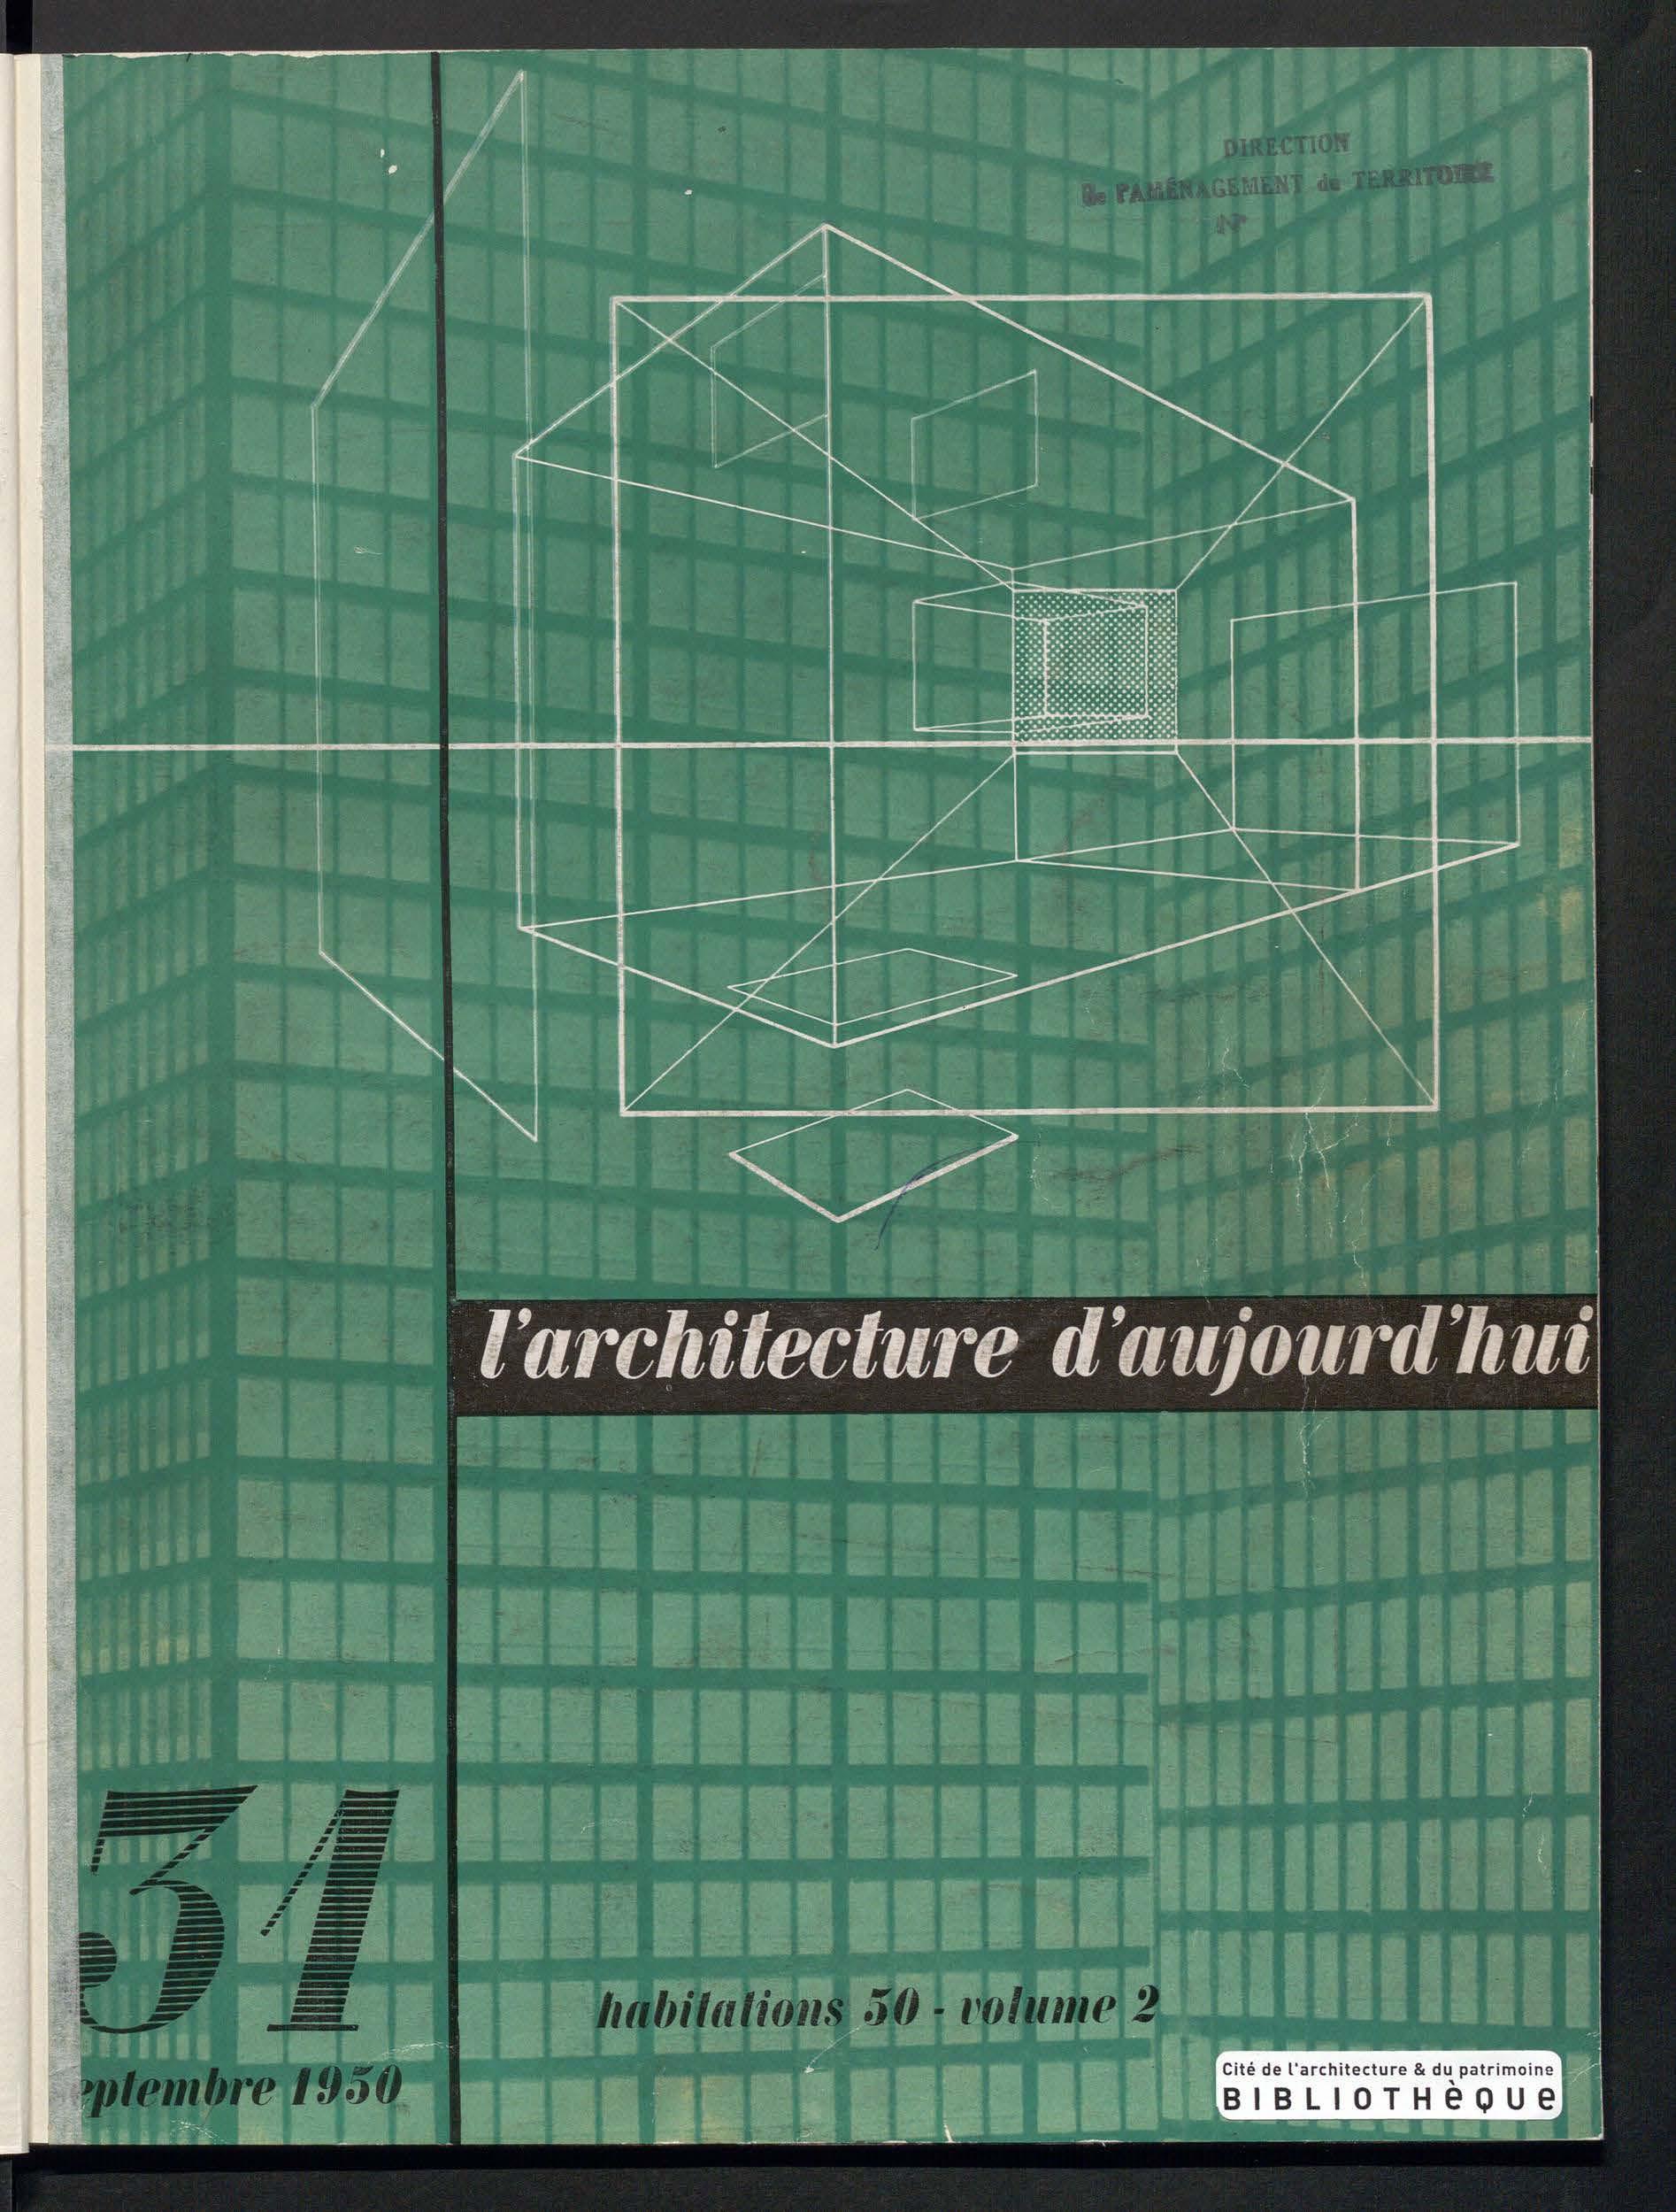 L'Architecture d'aujourd'hui, no. 31, 1950 |